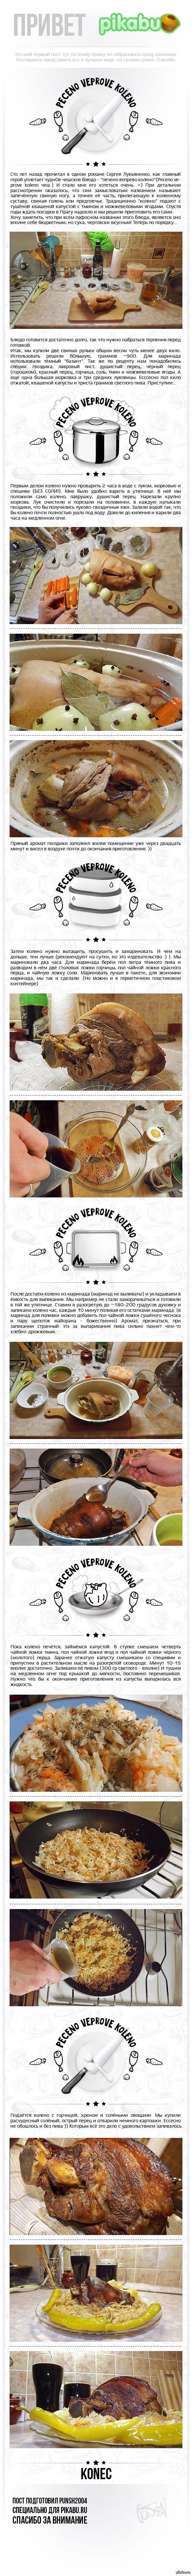 Peceno veprove koleno - одно из самых вкусных блюд ческой кухни. Скромный фотосказ о том, что такое peceno veprove koleno, и о том как я его готовил.